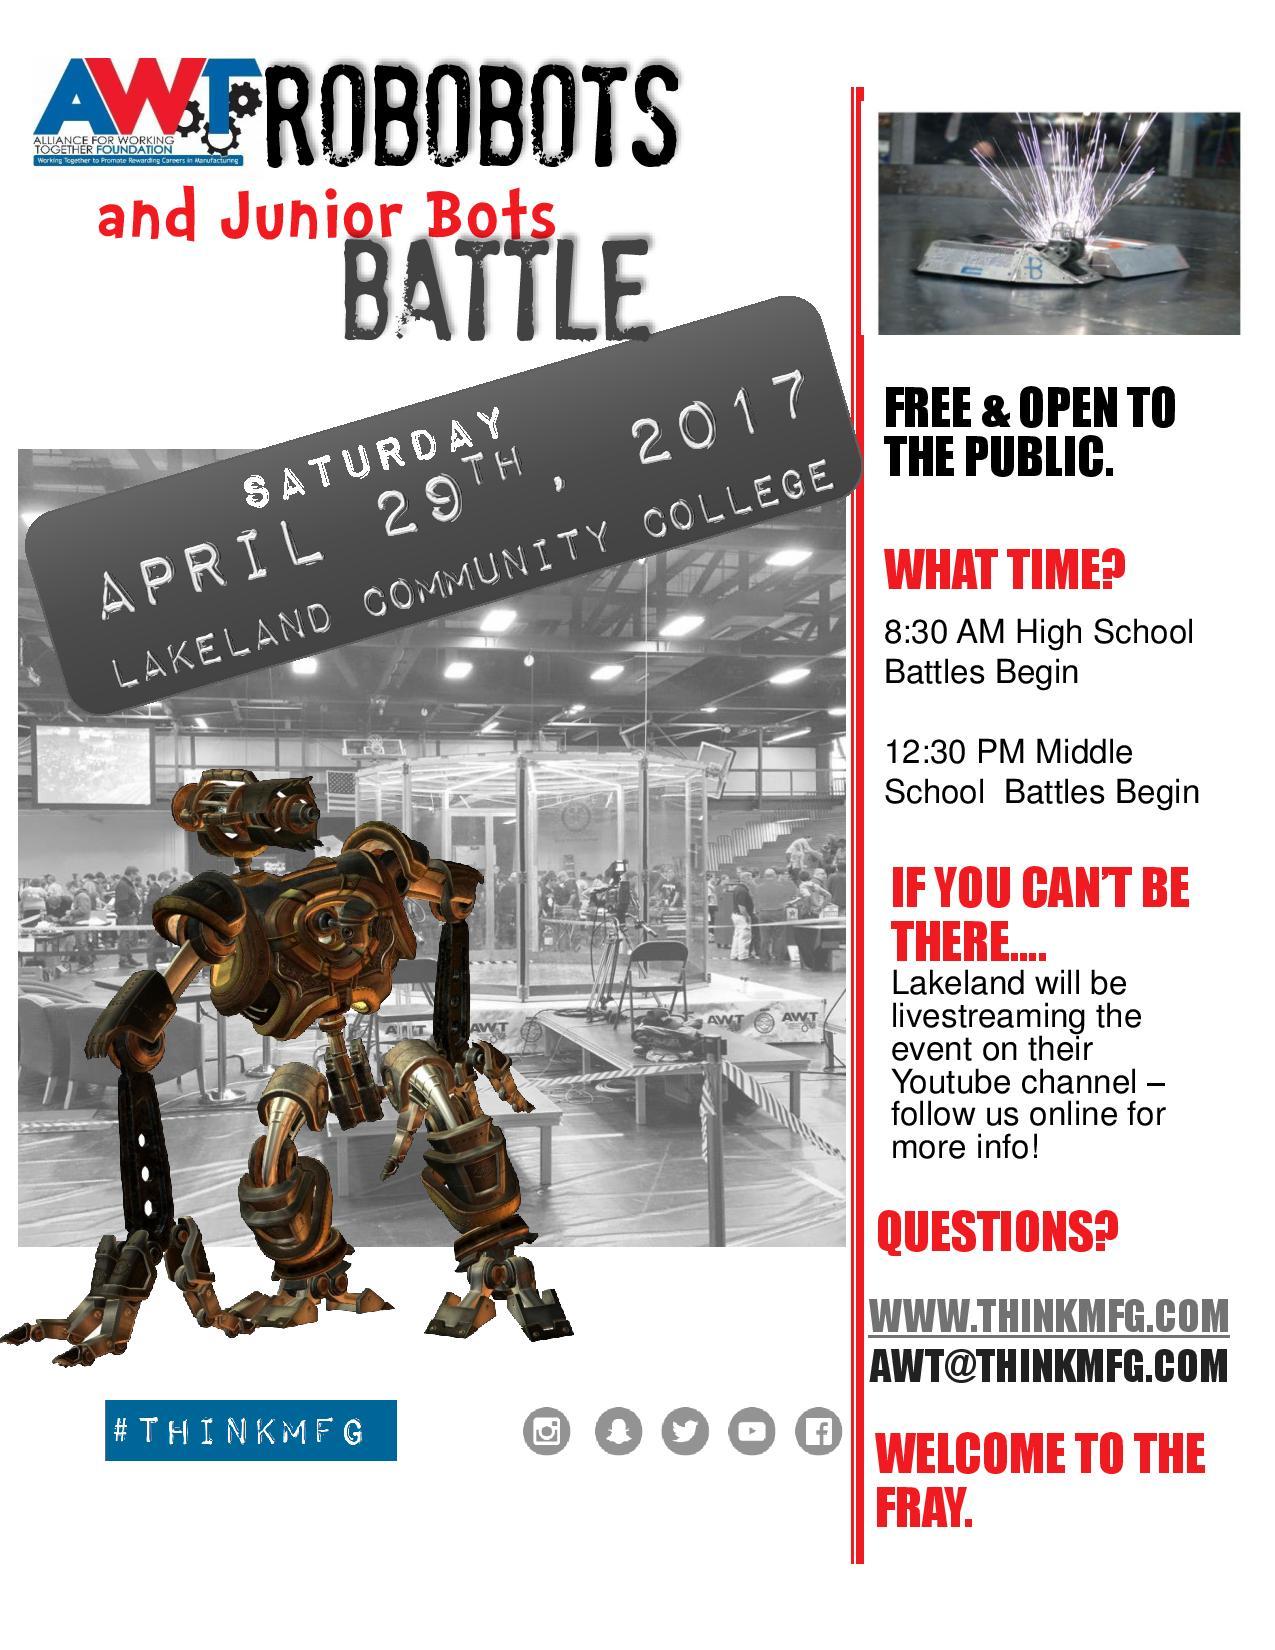 AWT RoboBots 2017 flyer